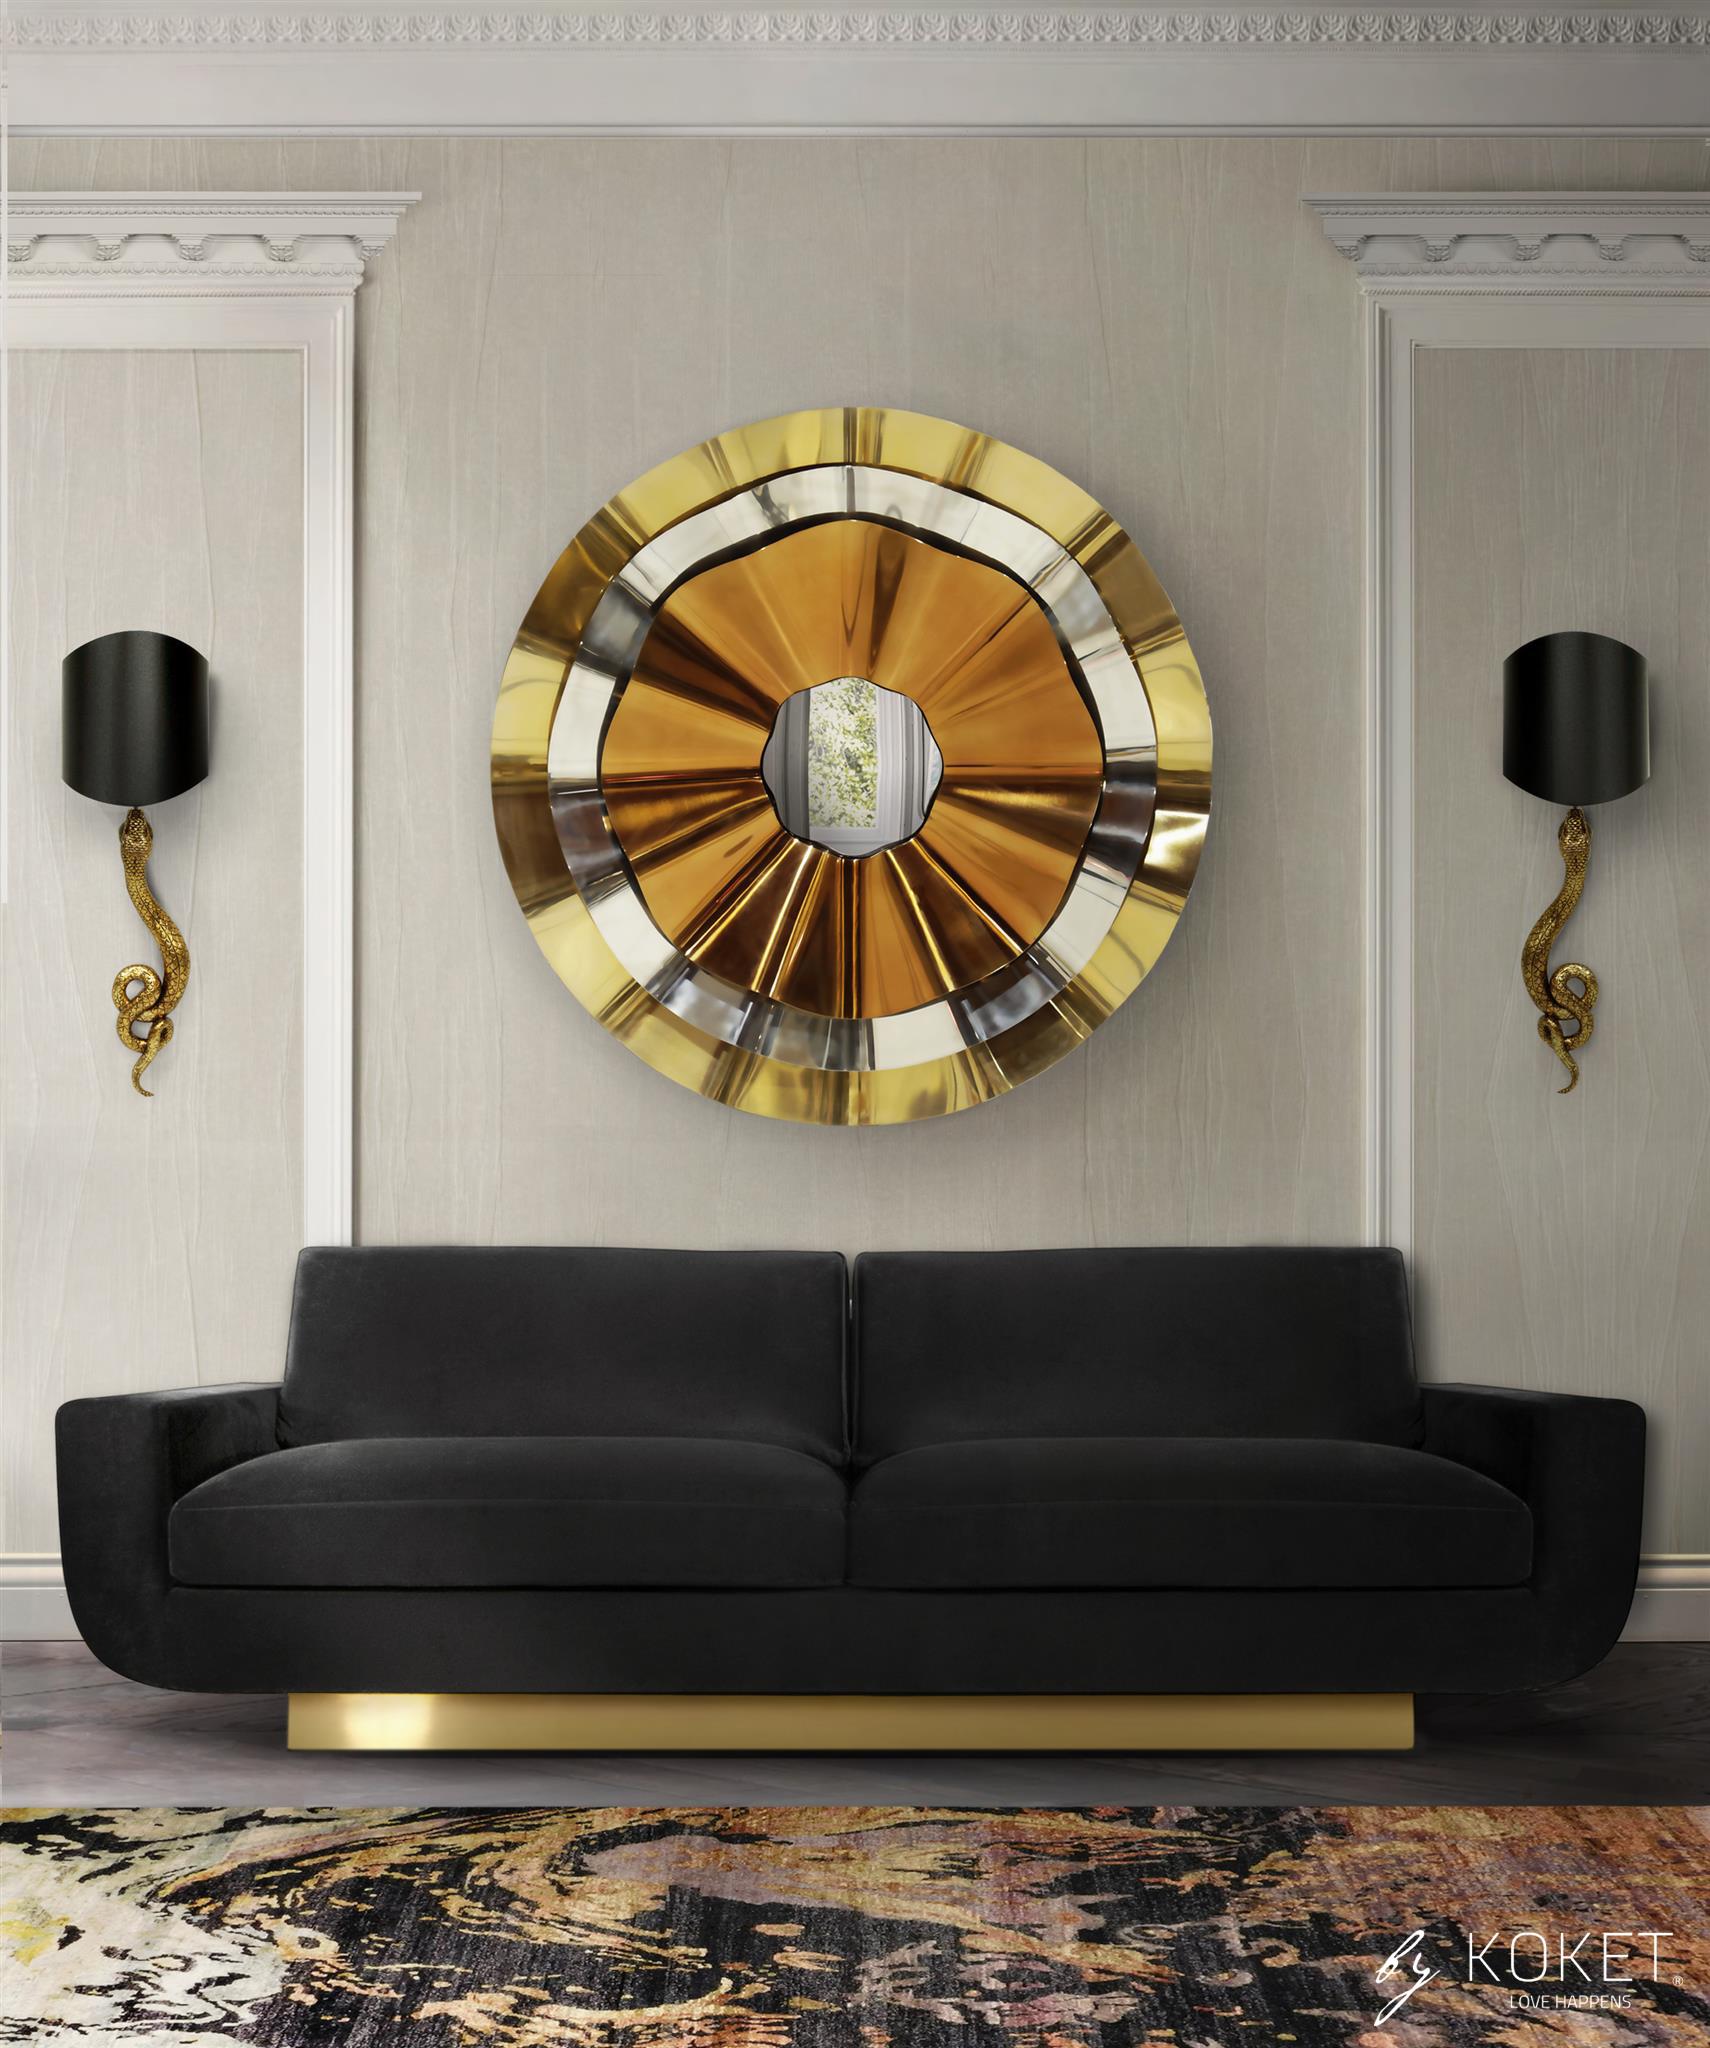 sofia sofa in black velvet by koket - how to use velvet